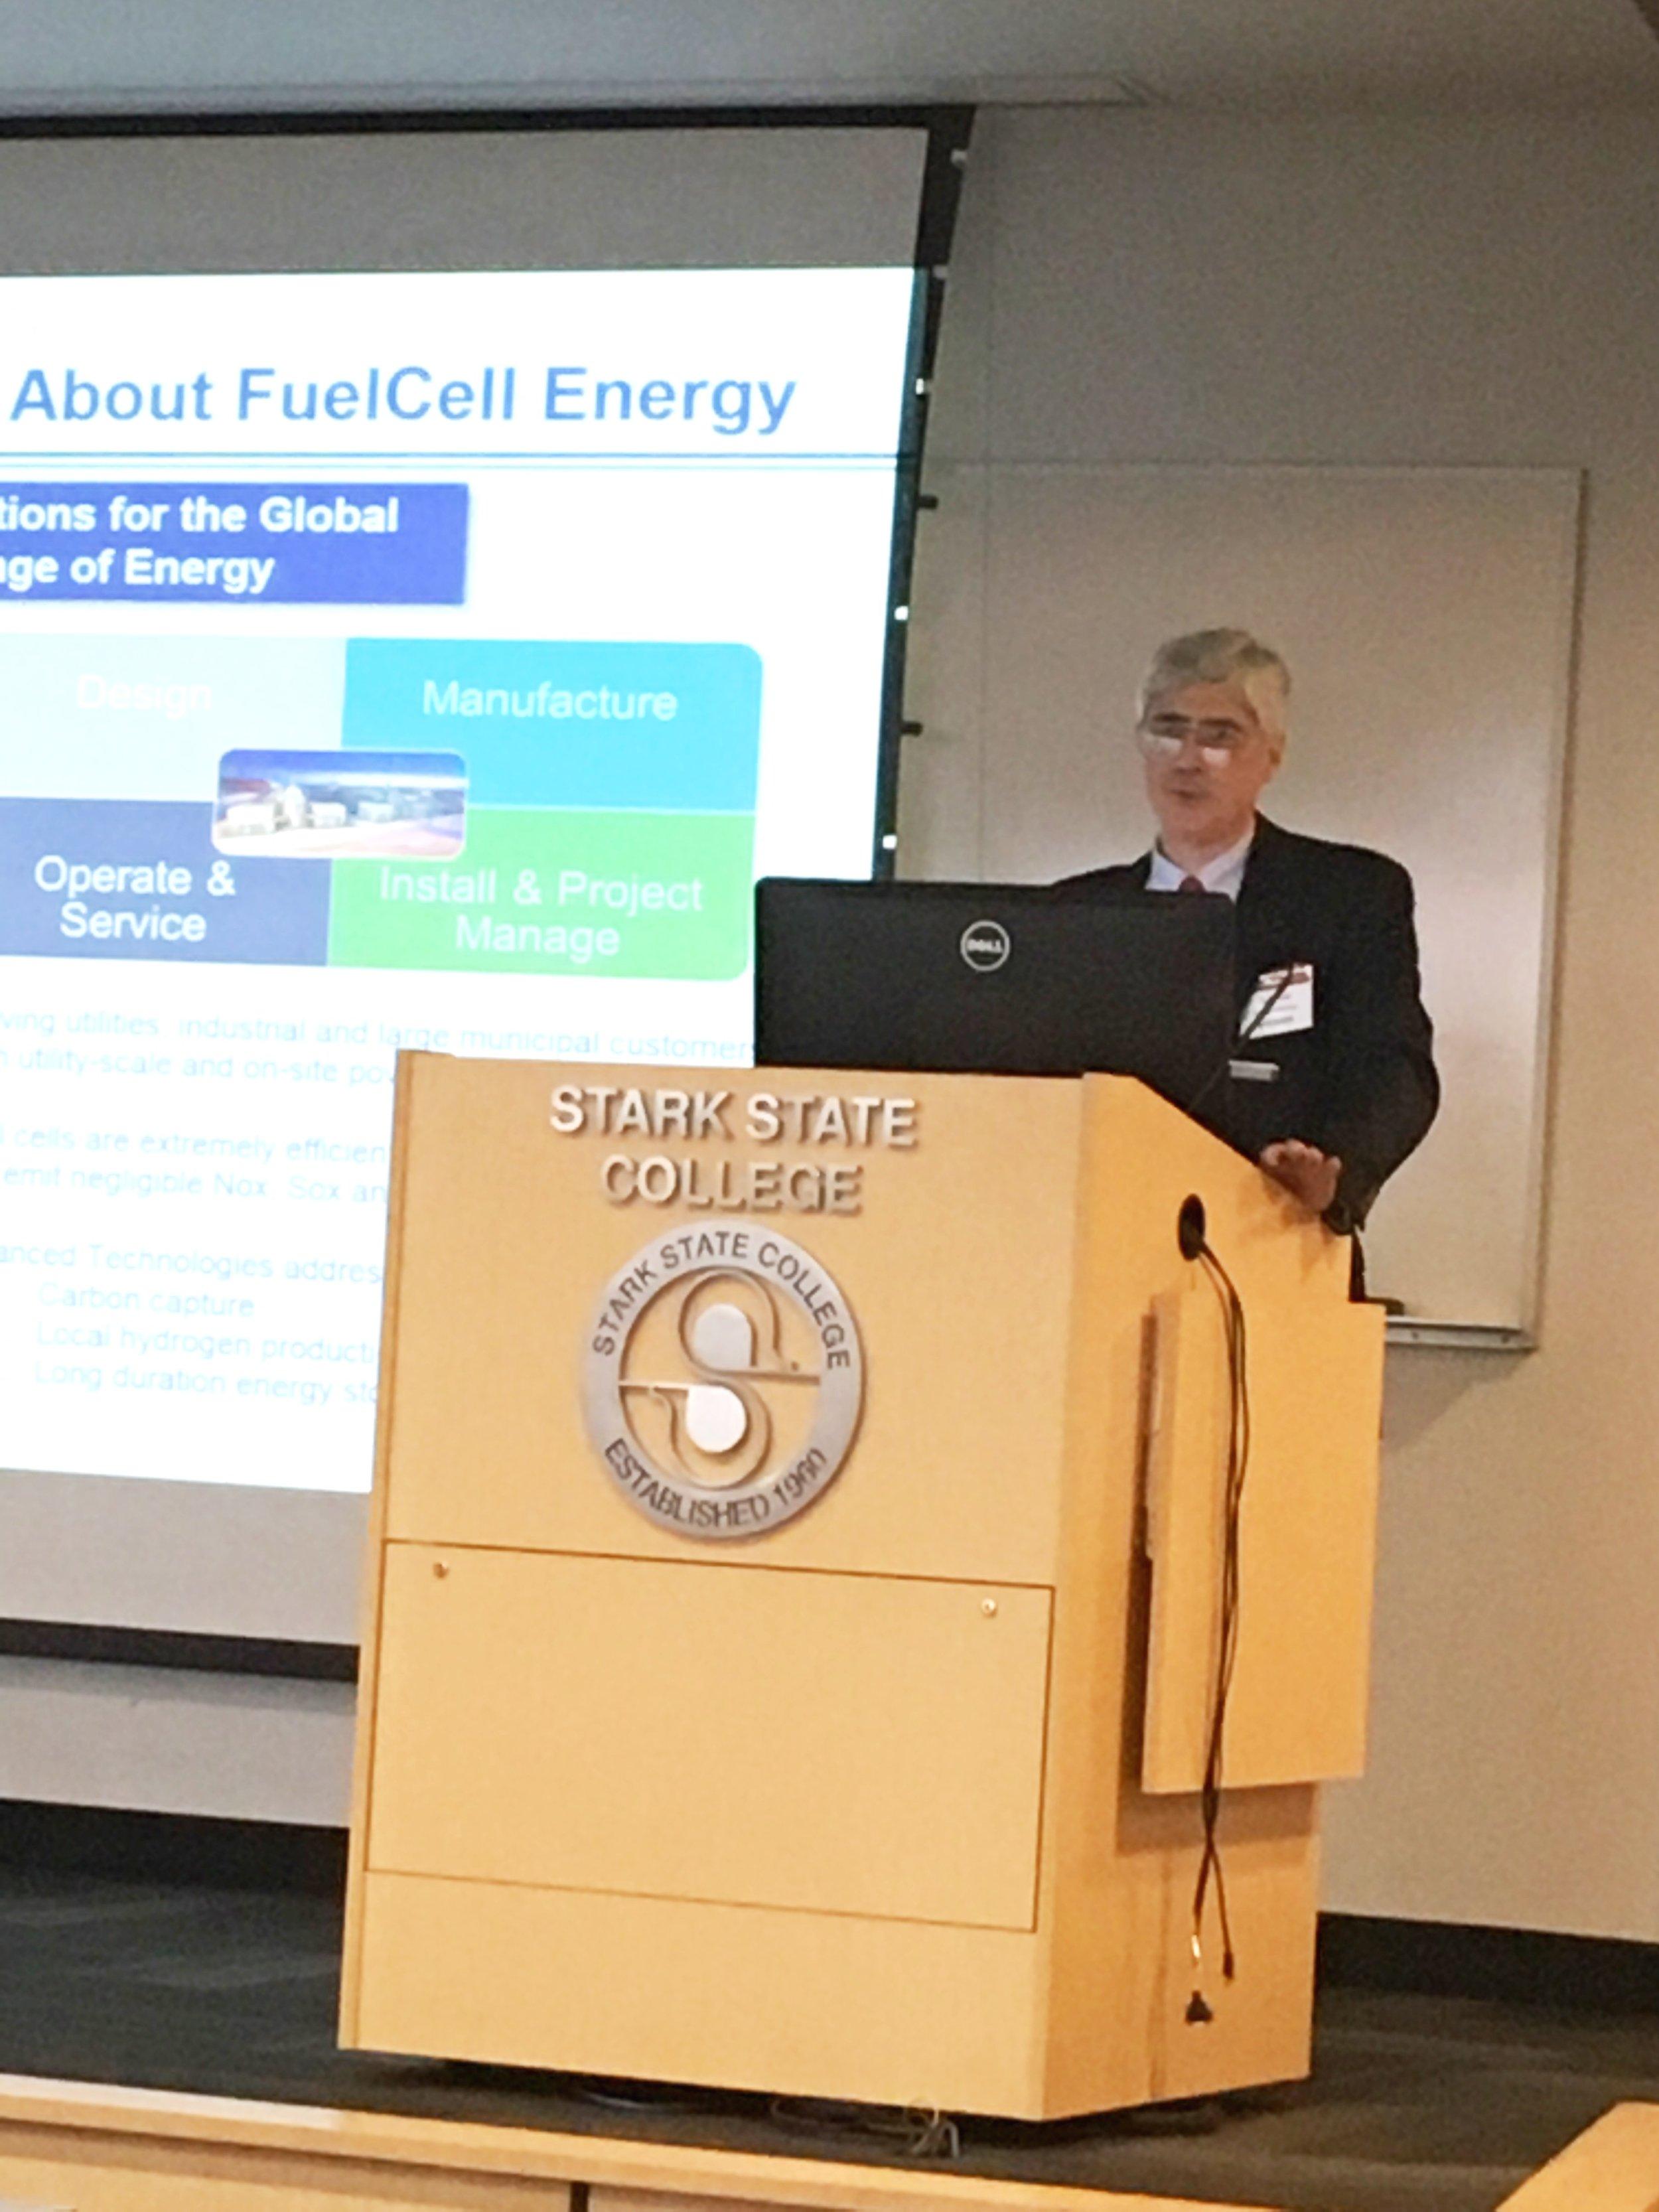 Tony Leo, FuelCell Energy